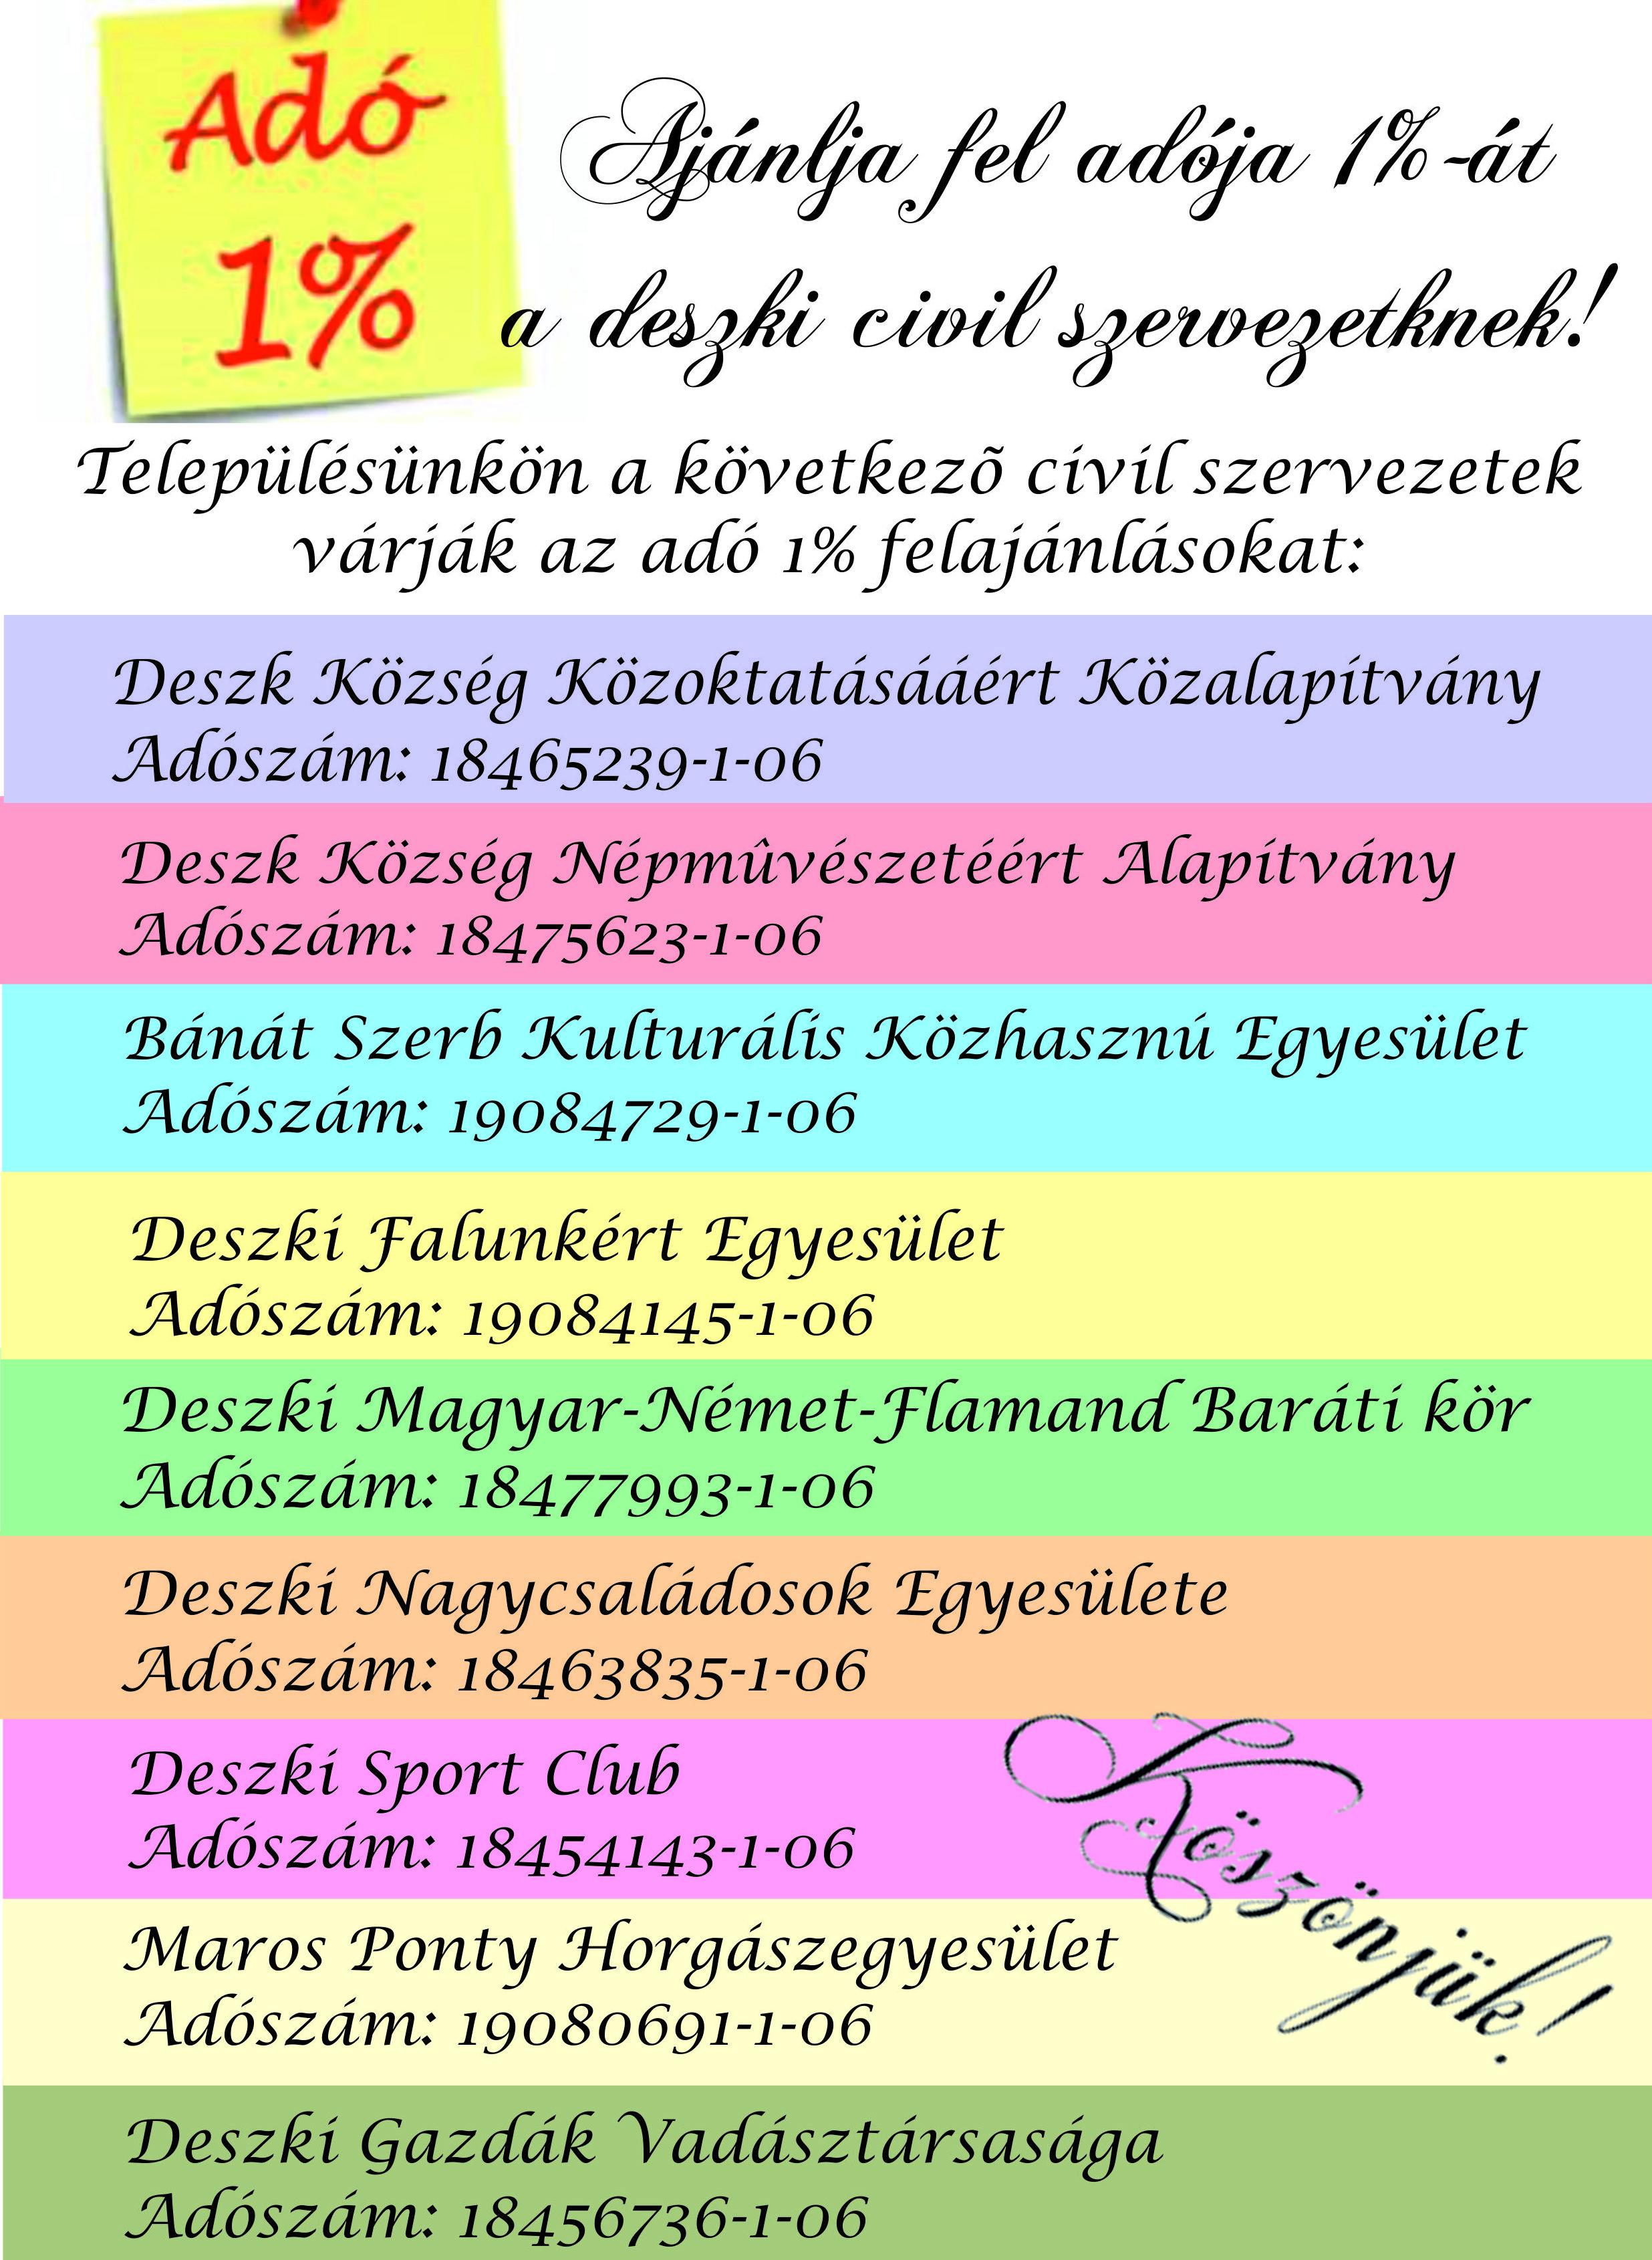 Kérjük ajánlja fel személyi jövedelemadójának 1%-át a deszki civil szervezeteknek!